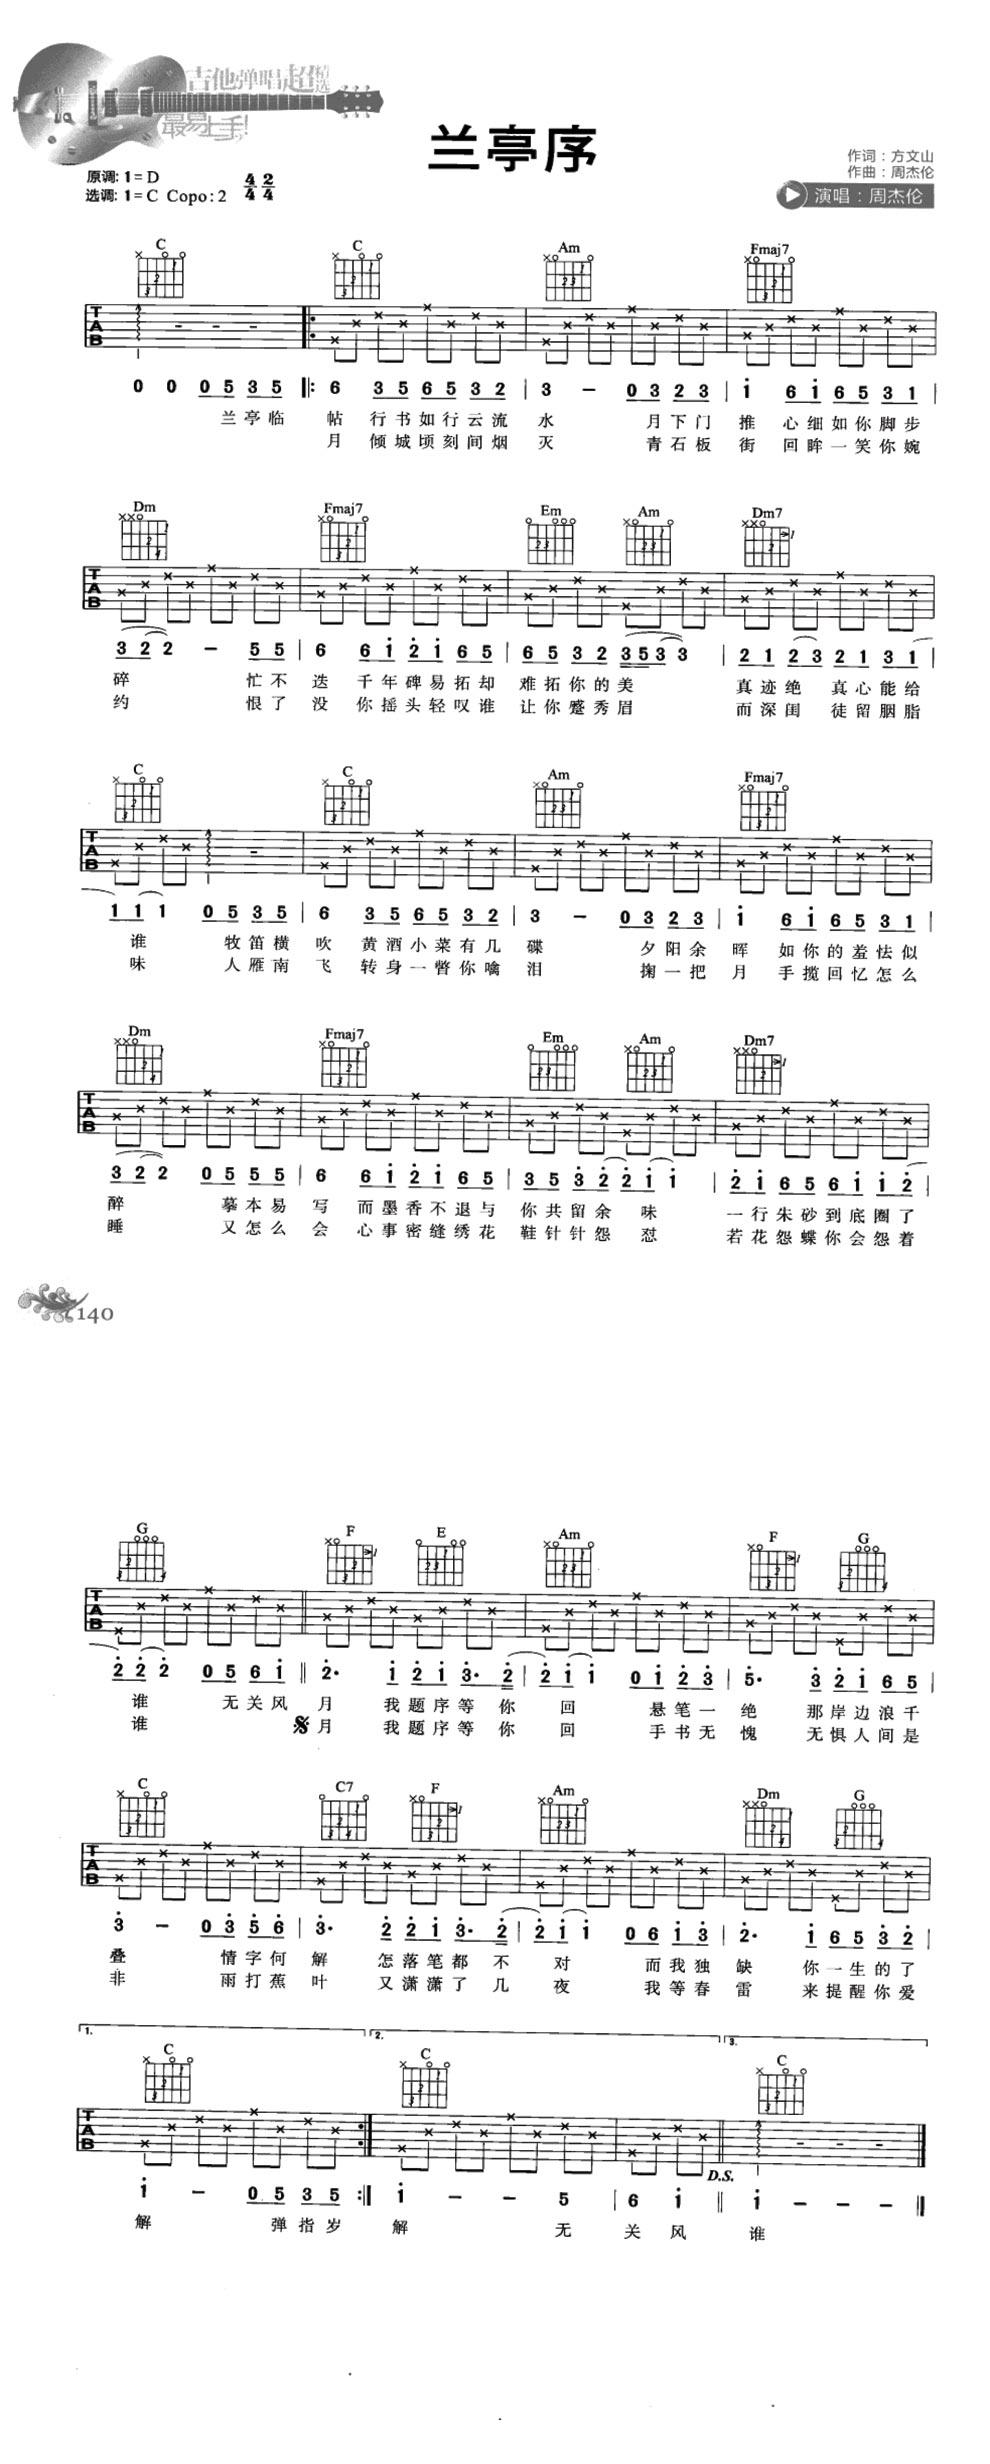 《兰亭序 原版》吉他谱图片